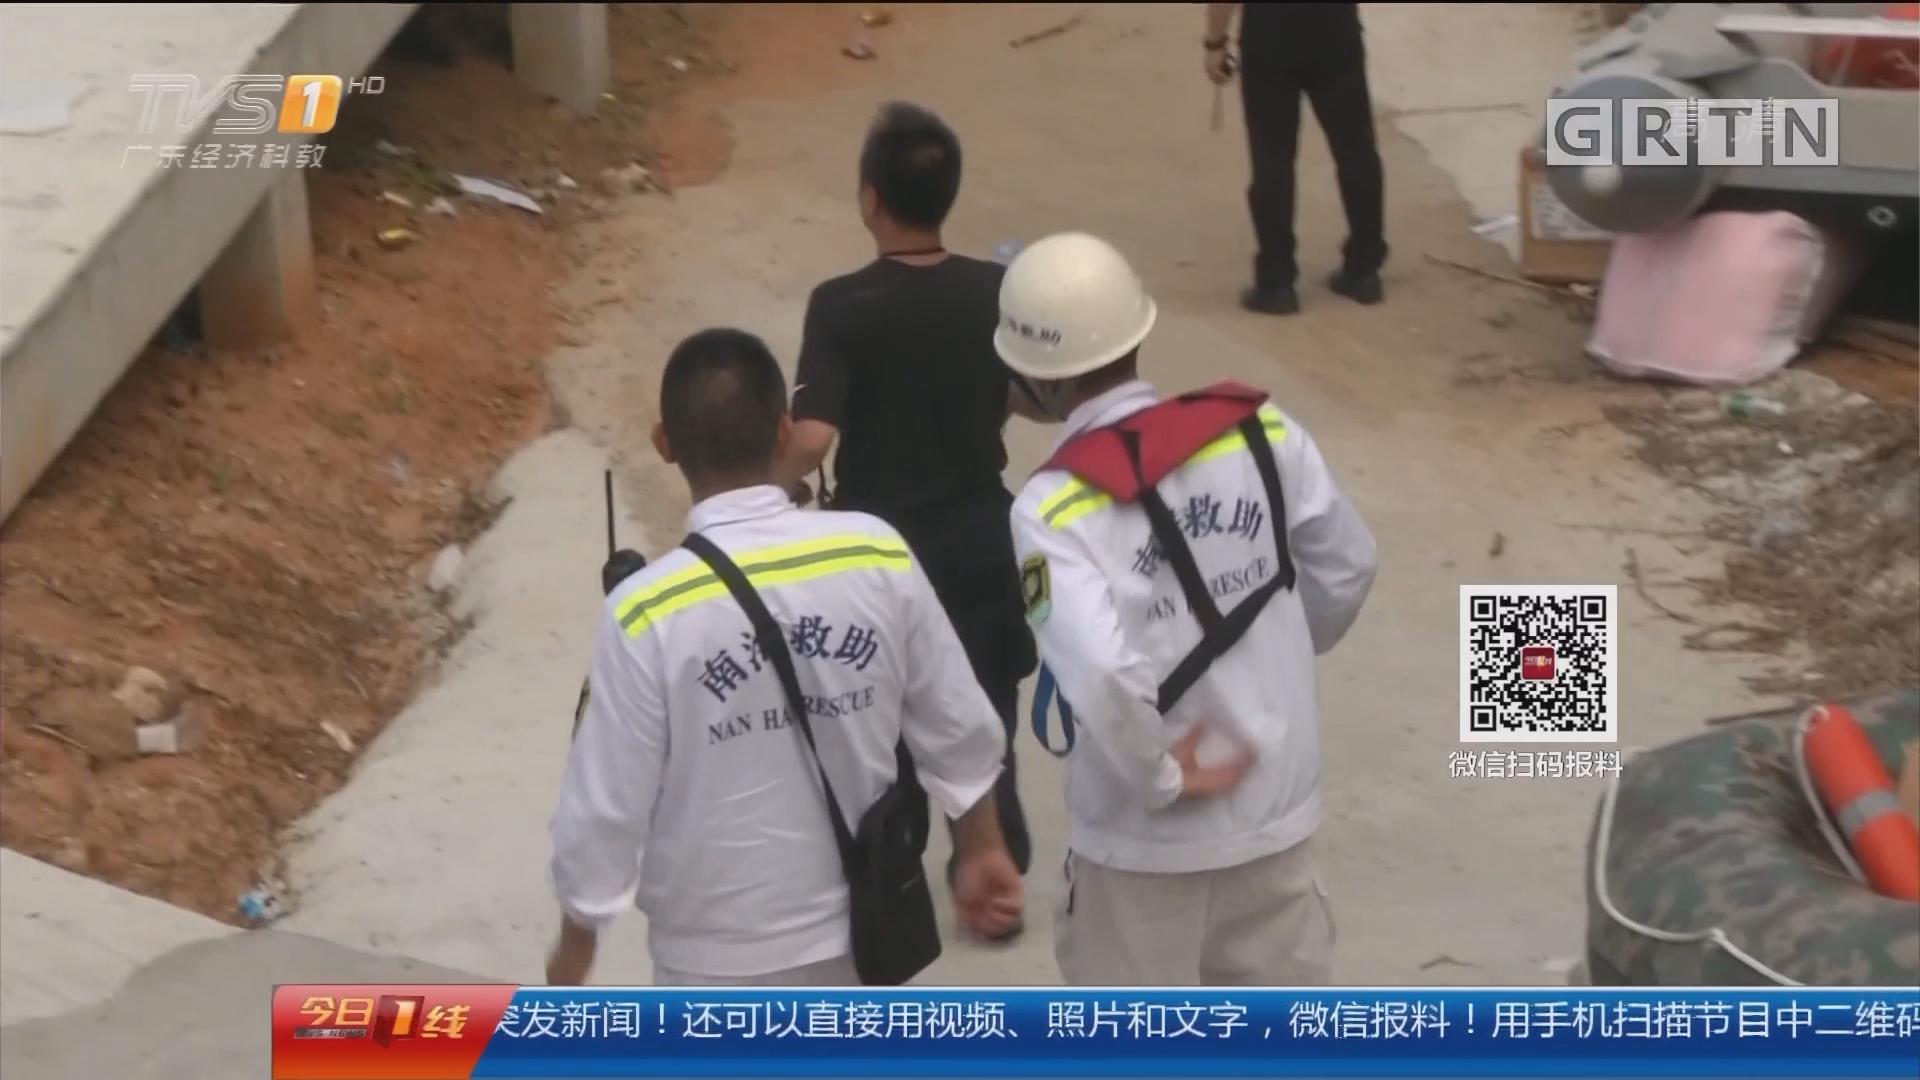 深圳宝安:警方水陆空搜捕嫌犯 打捞仍在进行